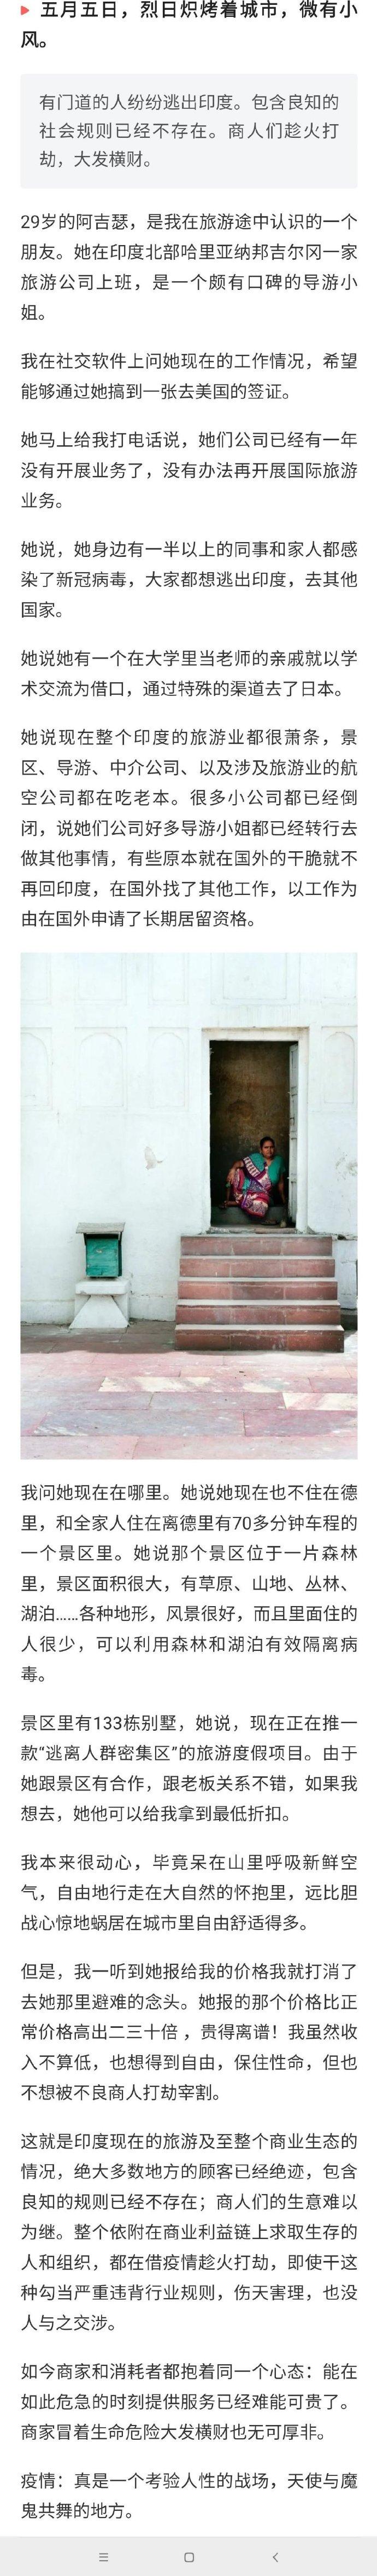 印度女作家的疫情日记,有几个故事真是太惨了